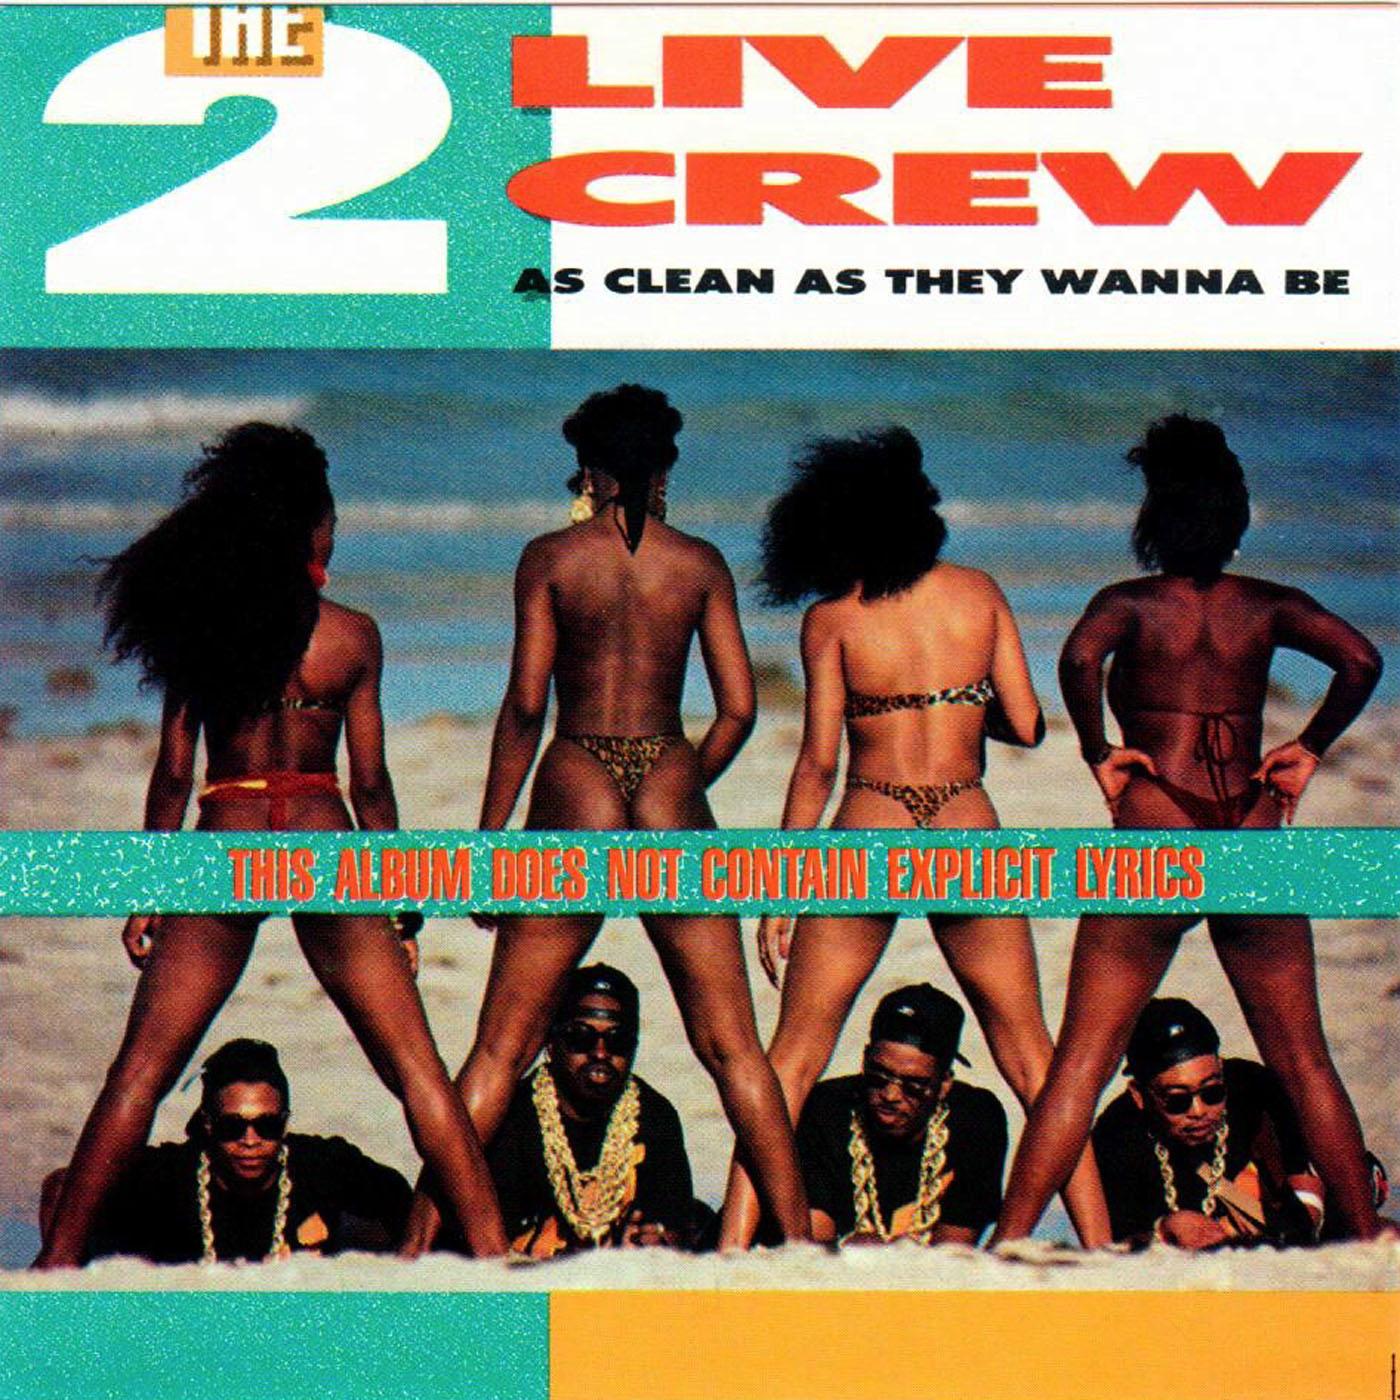 As Clean As They Wanna BenÇóCleannÇó 2 Live Crew